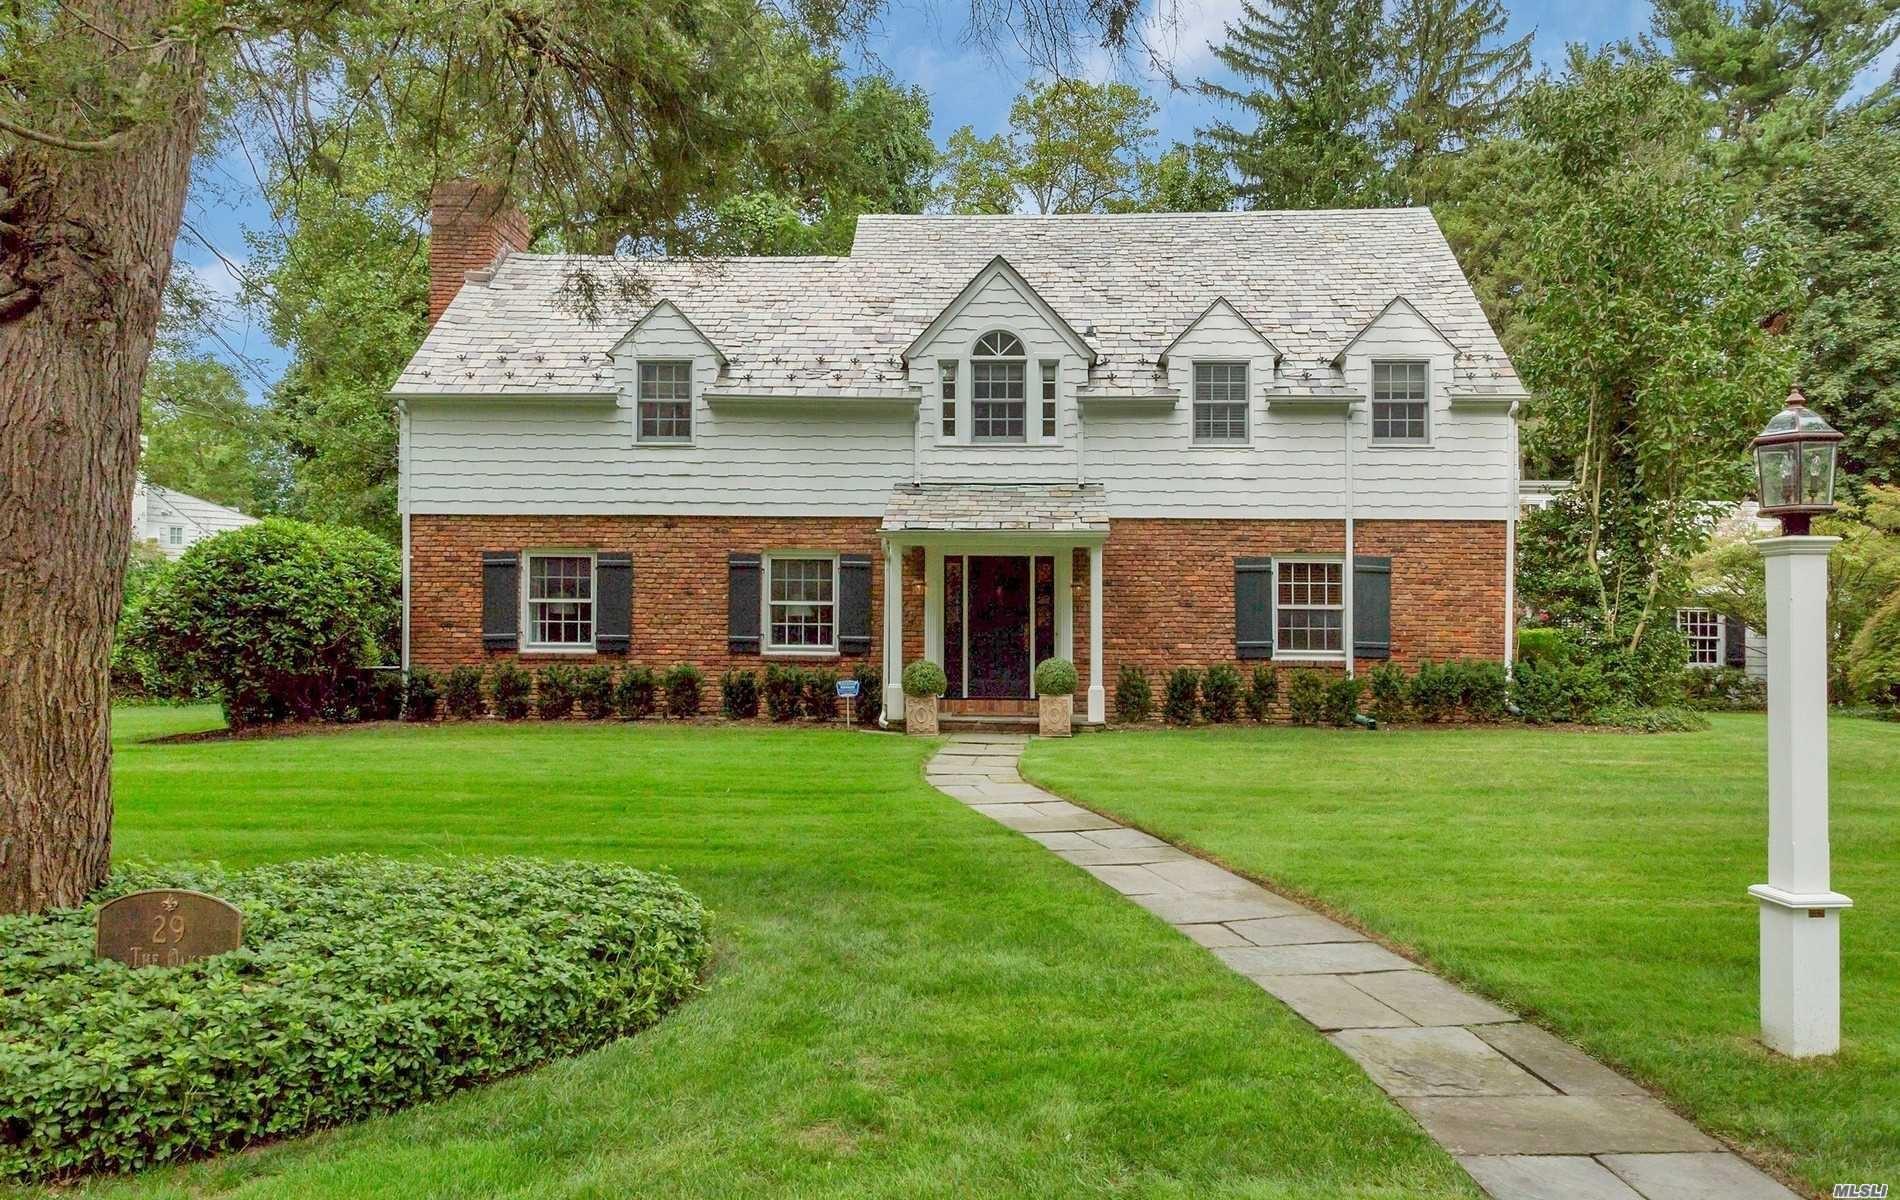 29 The Oaks, Roslyn Estates, NY 11576 - MLS#: 3204313